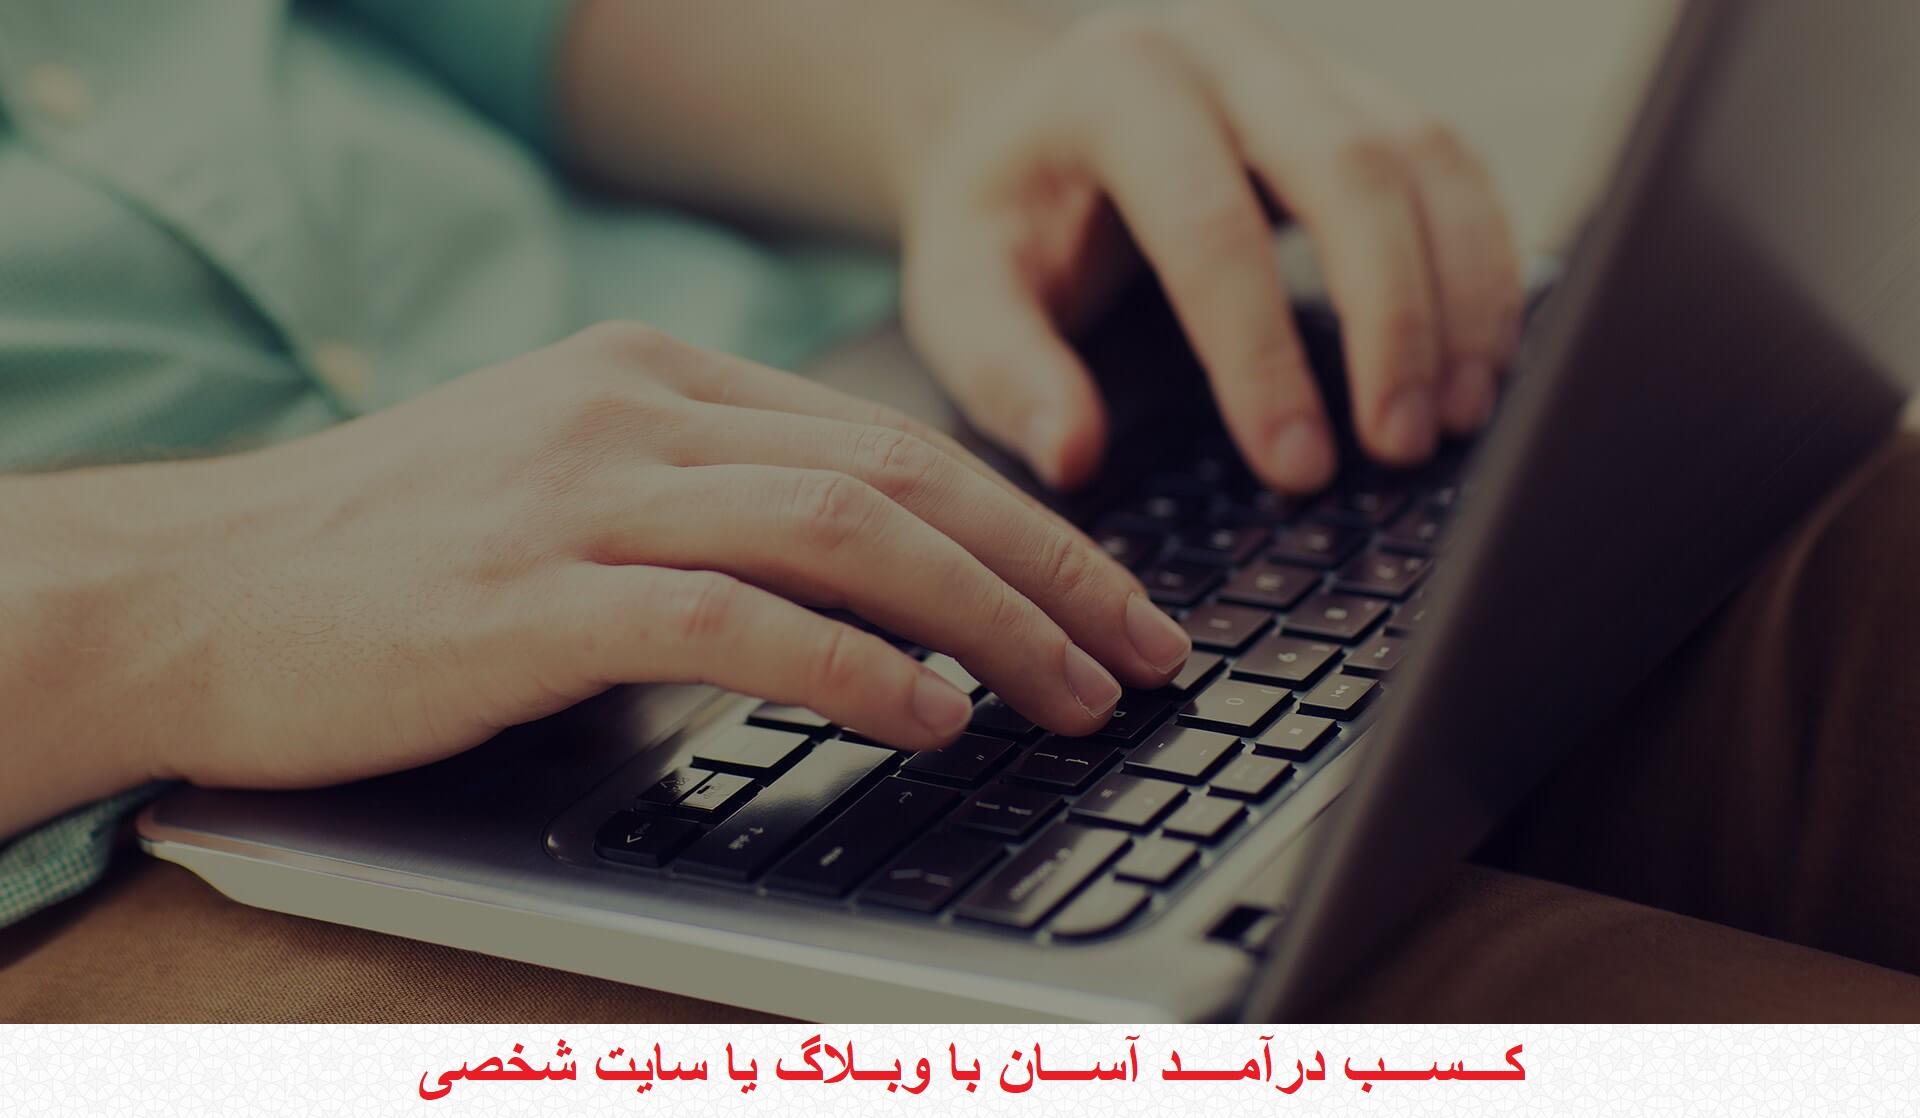 آموزش کسب درآمد با وبلاگ